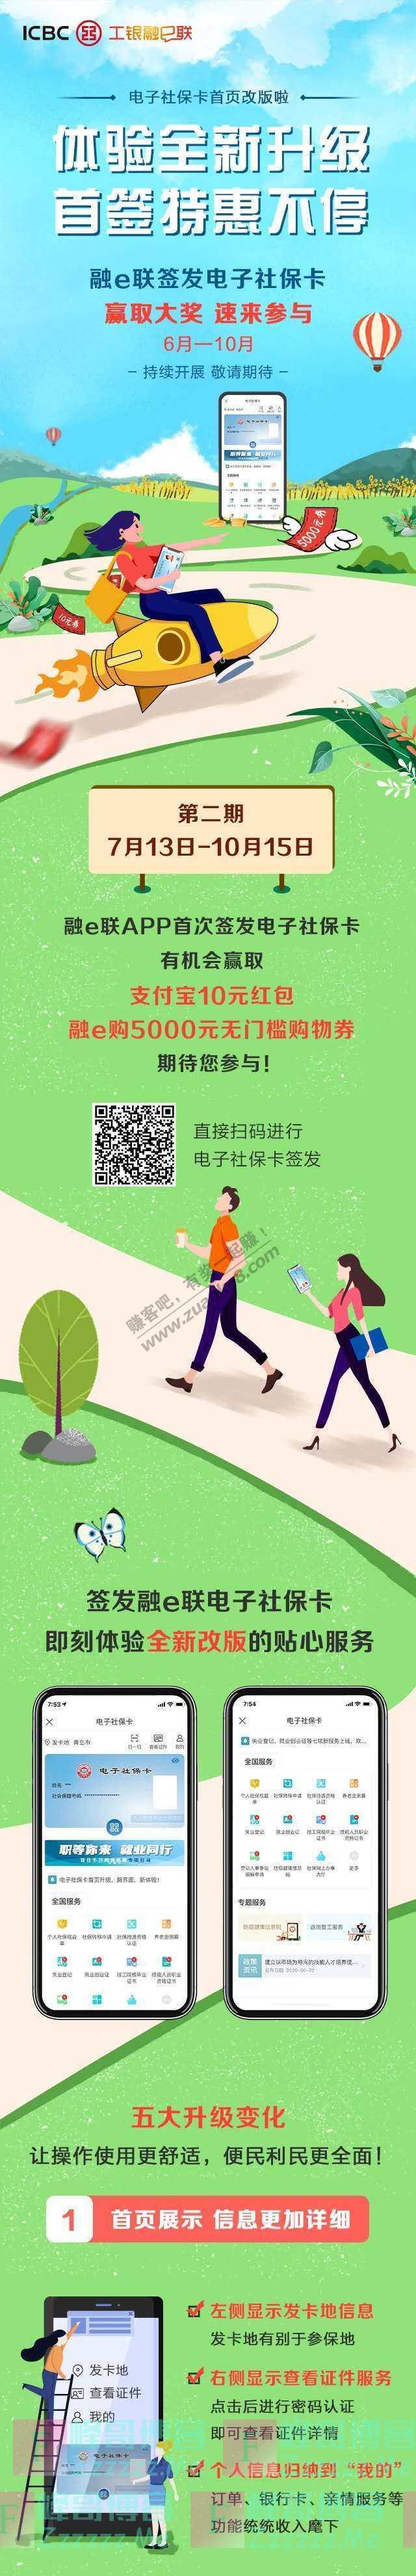 融E联app电子社保卡全新升级,申请赢5000元购物金(截止10月15日)